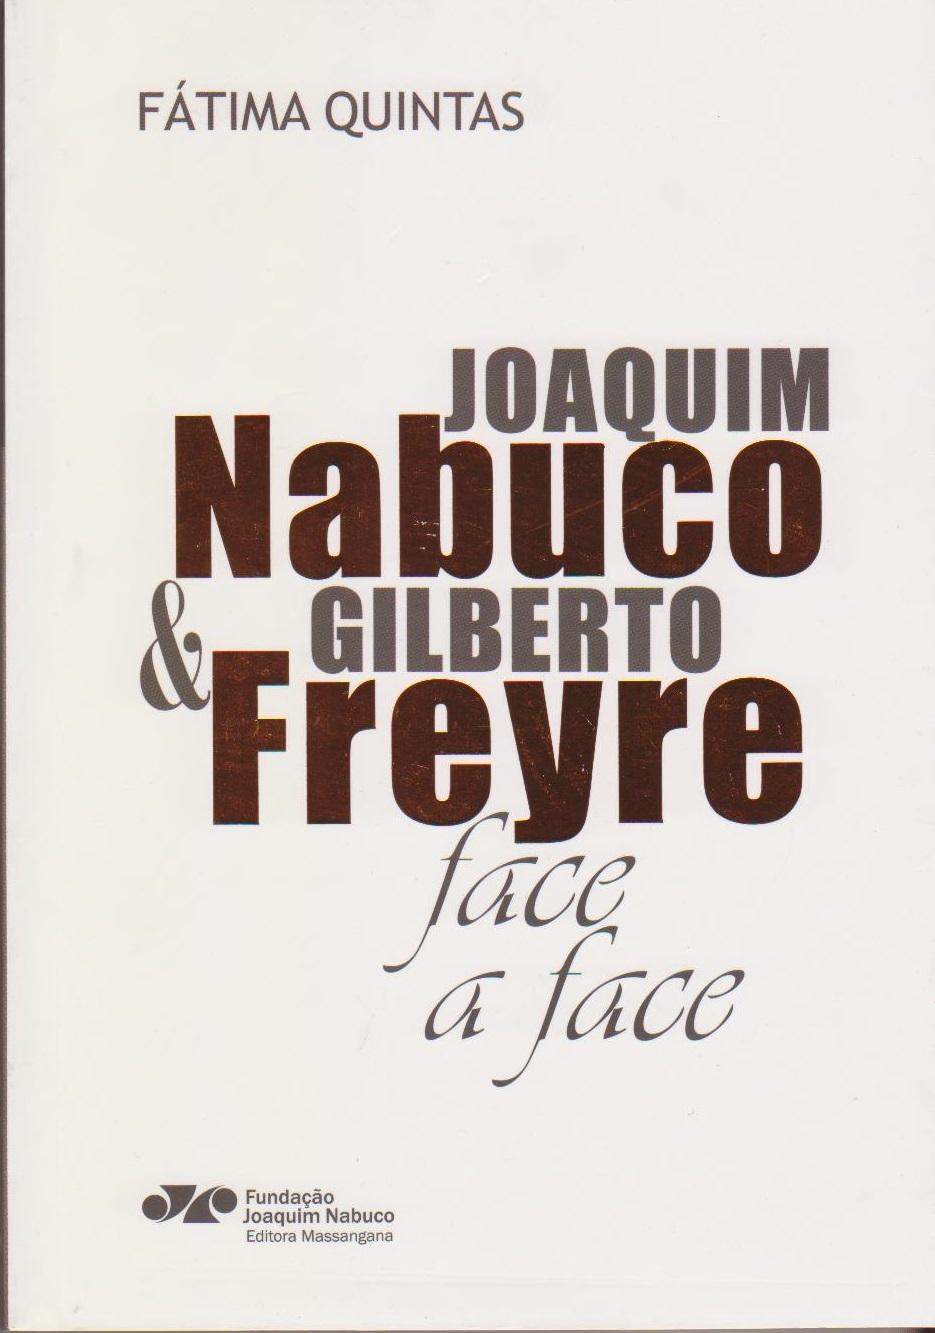 Joaquim Nabuco e Gilberto Freyre face a face, livro de Fátima Quintas